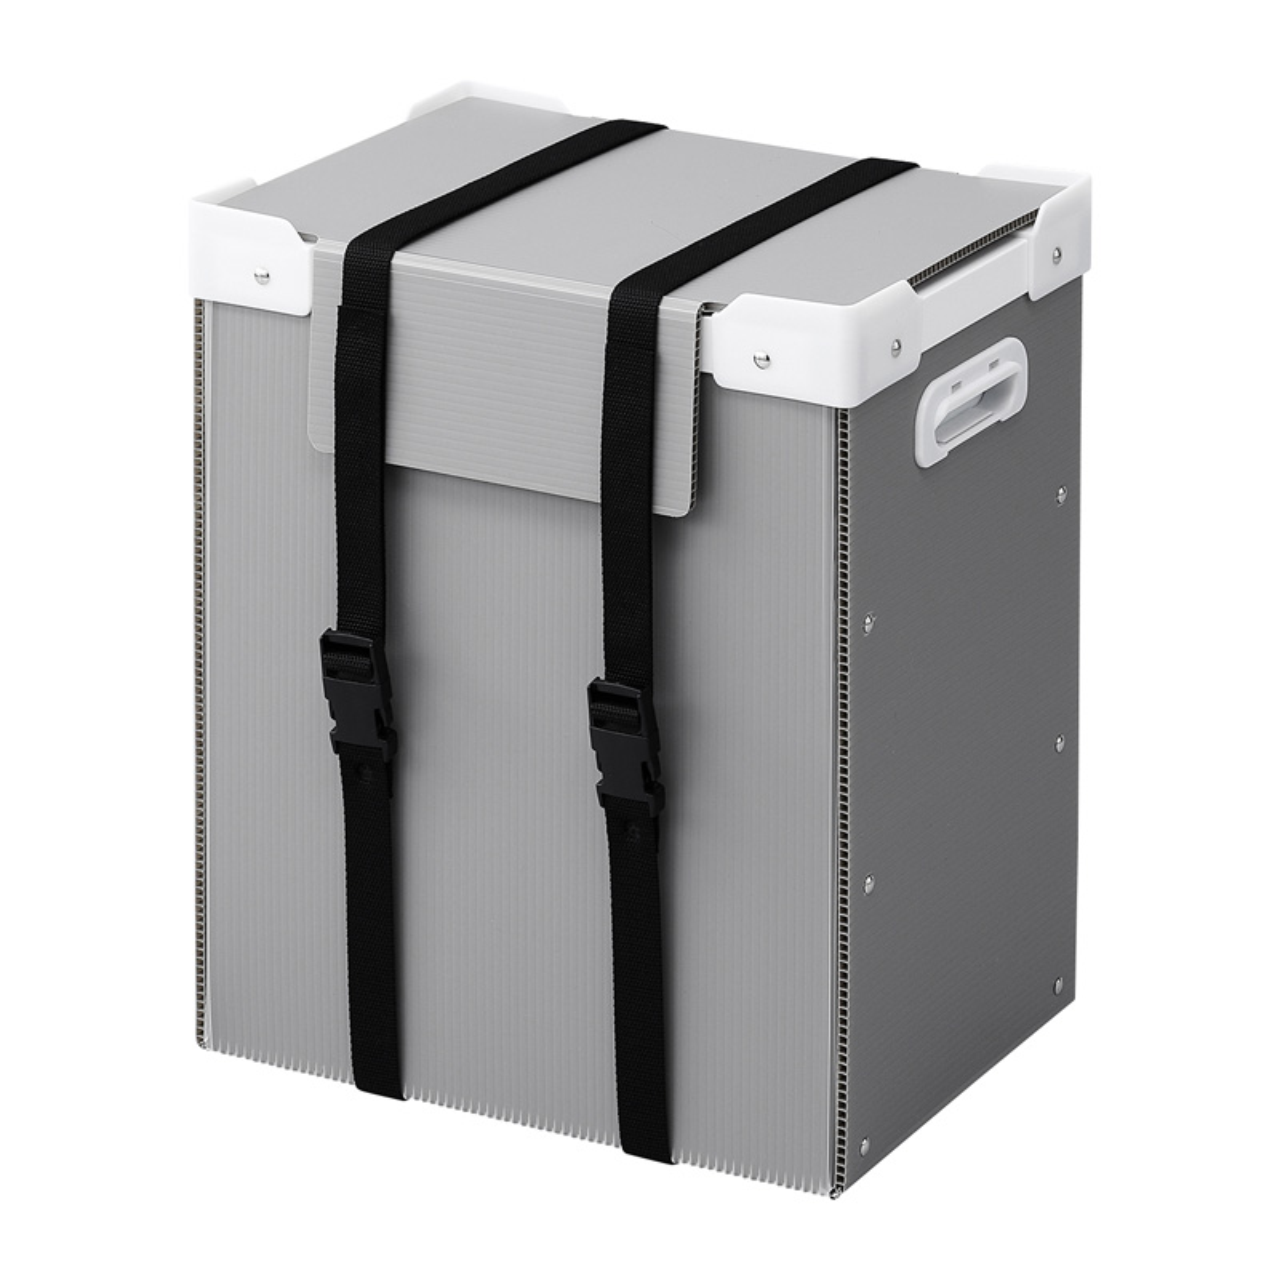 プラダン製タブレット収納ケース(10台用) サンワダイレクト サンワサプライ CAI-CABPD37